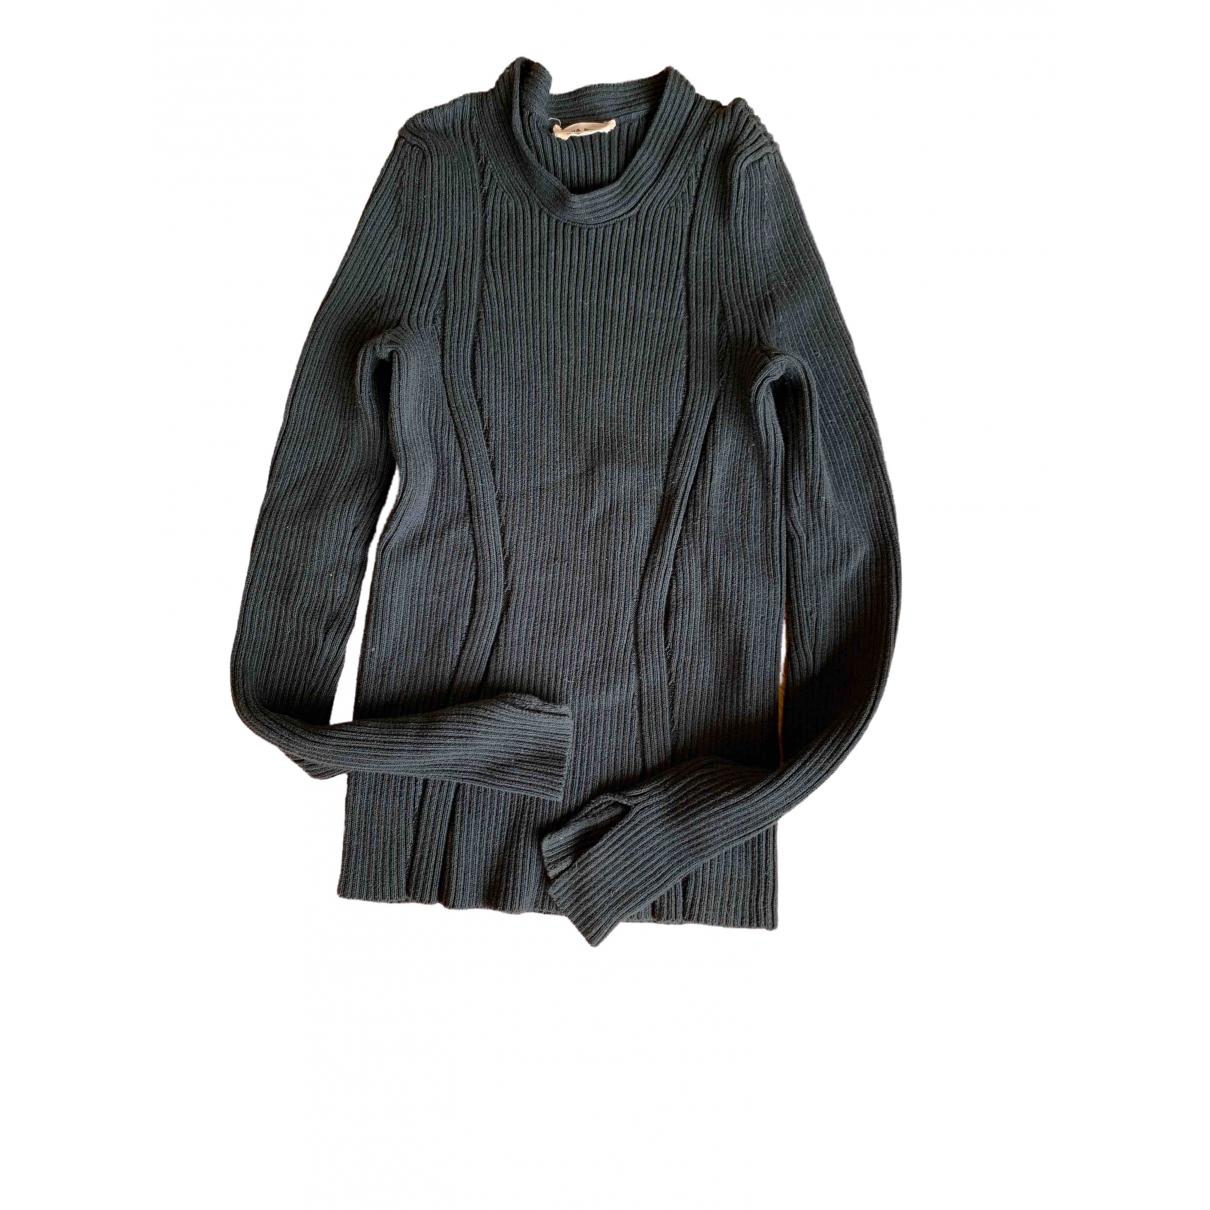 Sonia Rykiel - Pull   pour femme en laine - vert